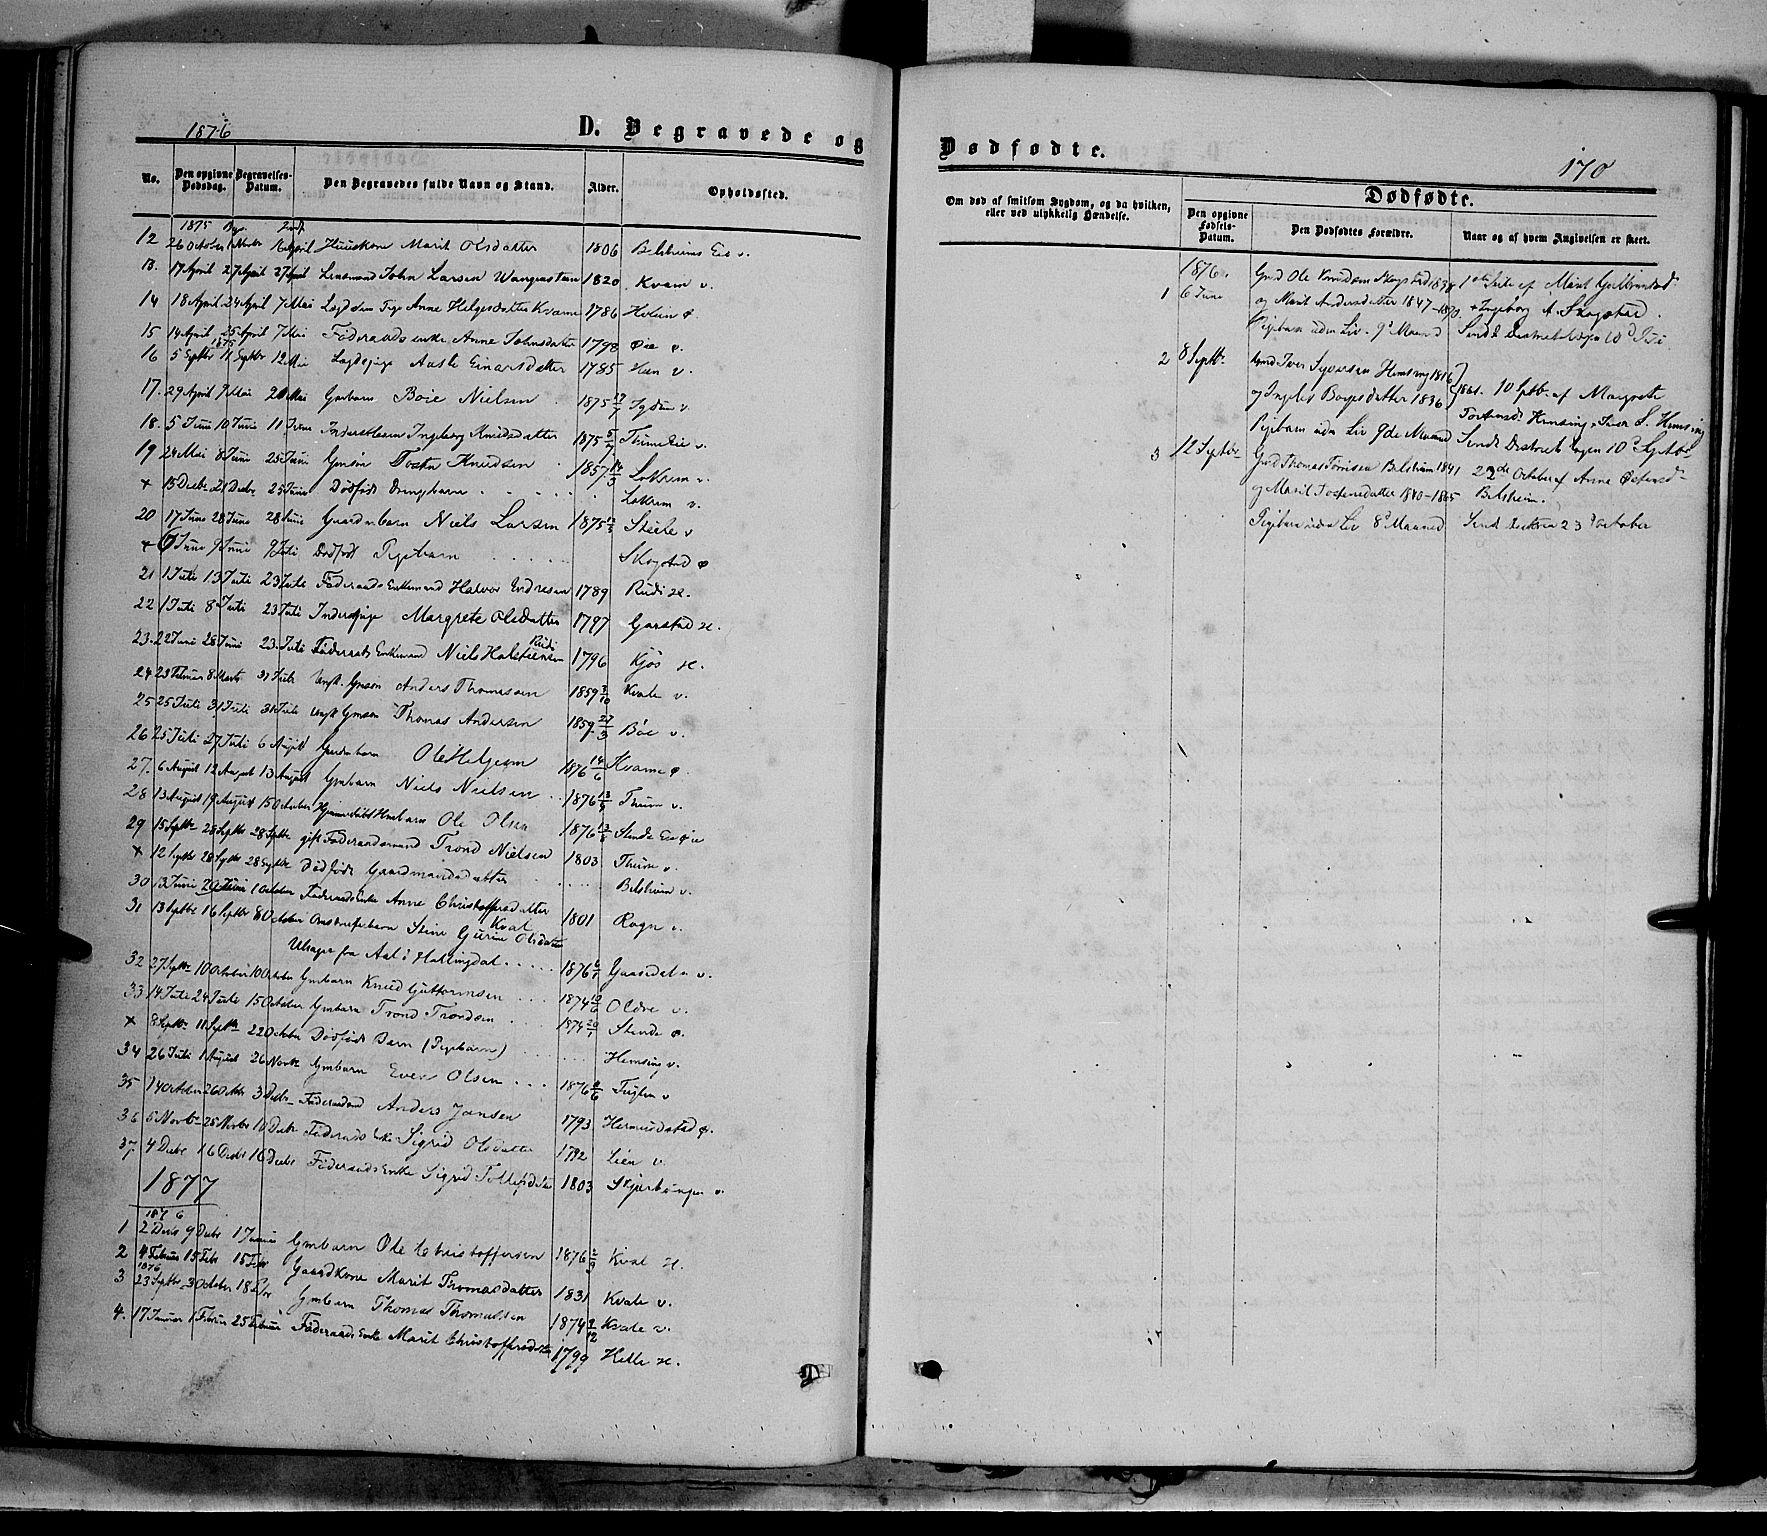 SAH, Vang prestekontor, Valdres, Ministerialbok nr. 7, 1865-1881, s. 170